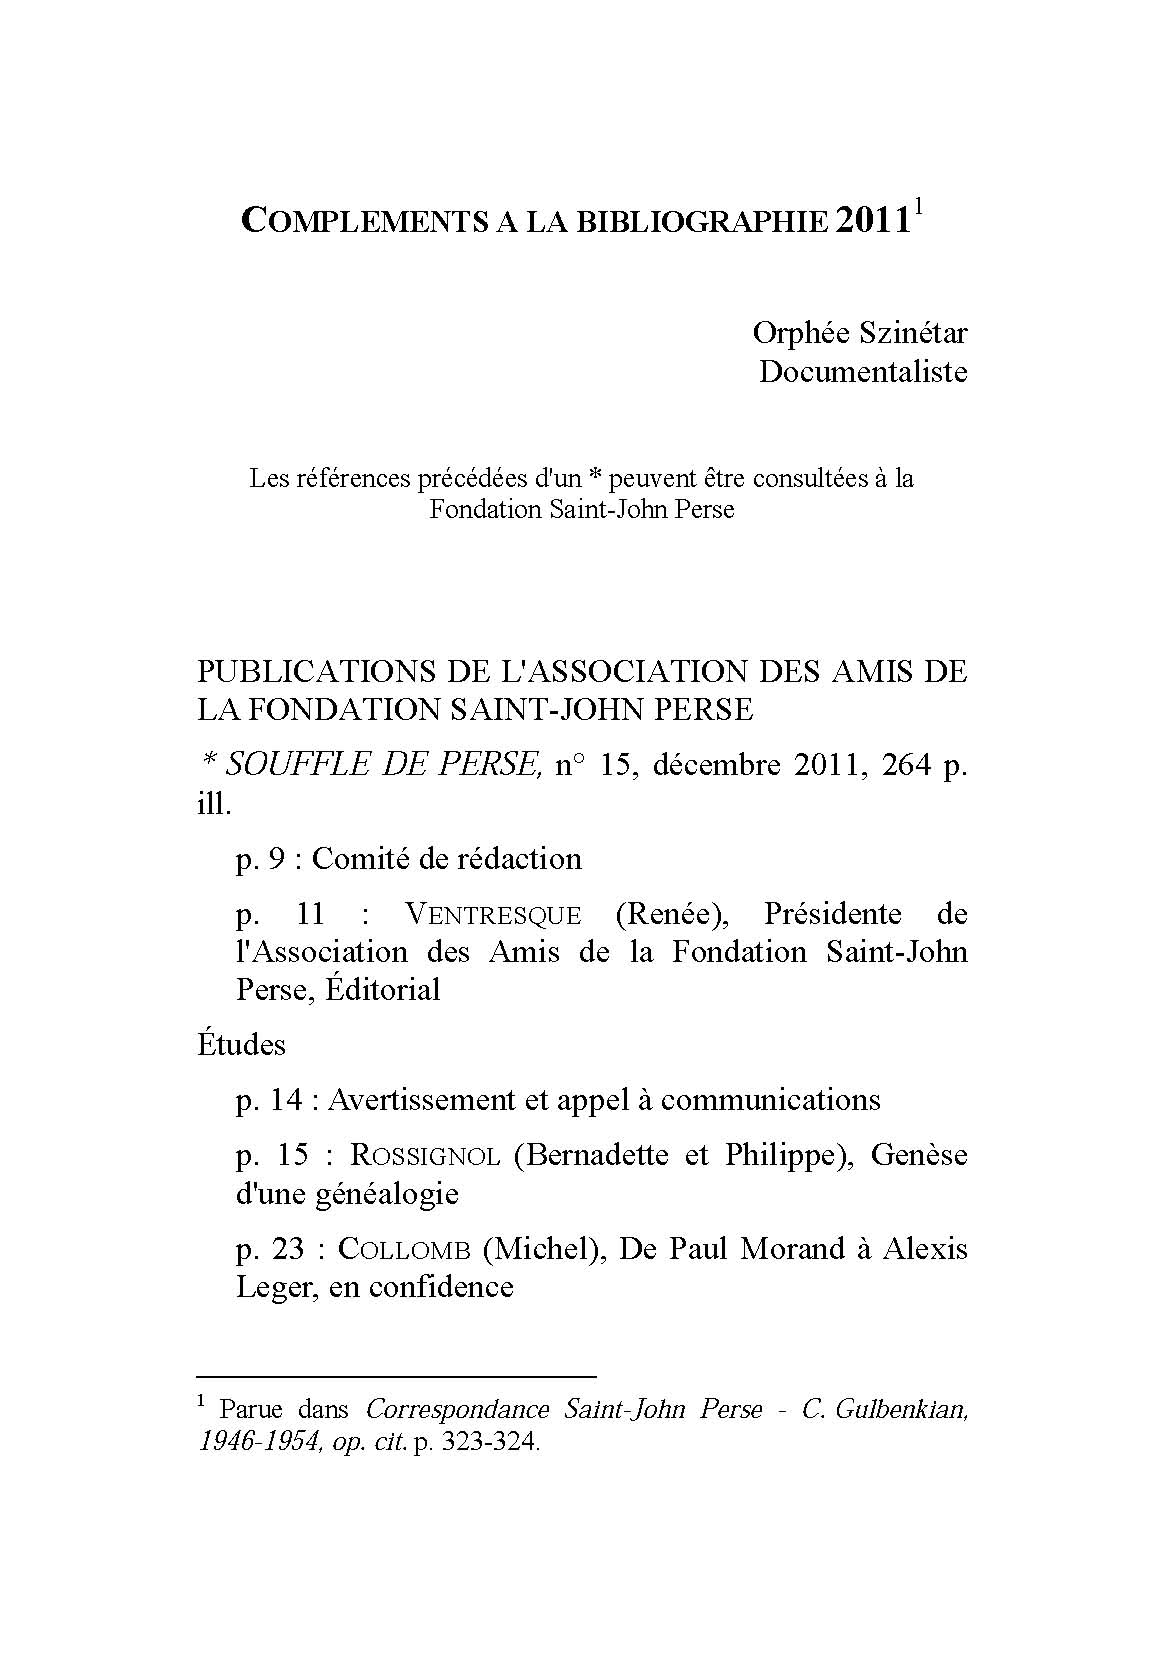 pages-de-souffle-n-16-p-265-a-268_page_1